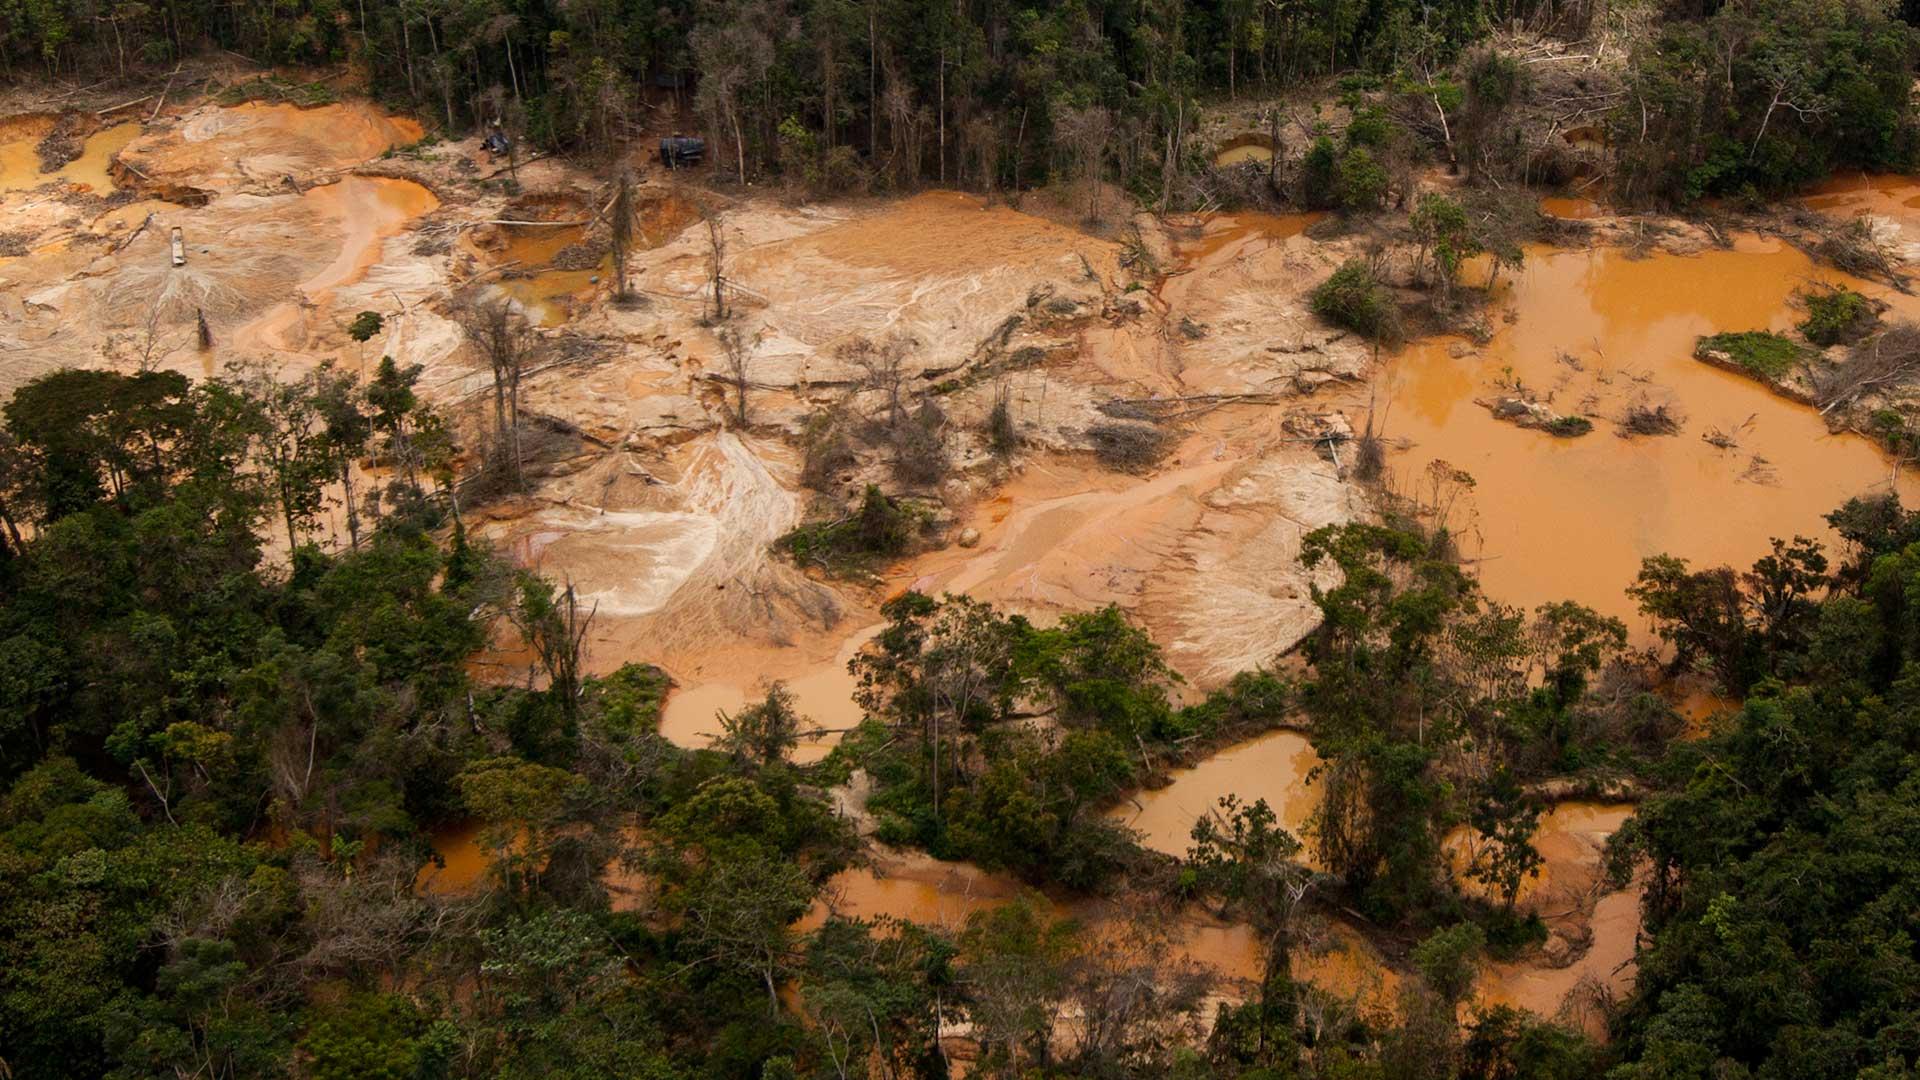 Codehciu | 77 personas desaparecieron en los últimos 8 años en minas del sur de Venezuela